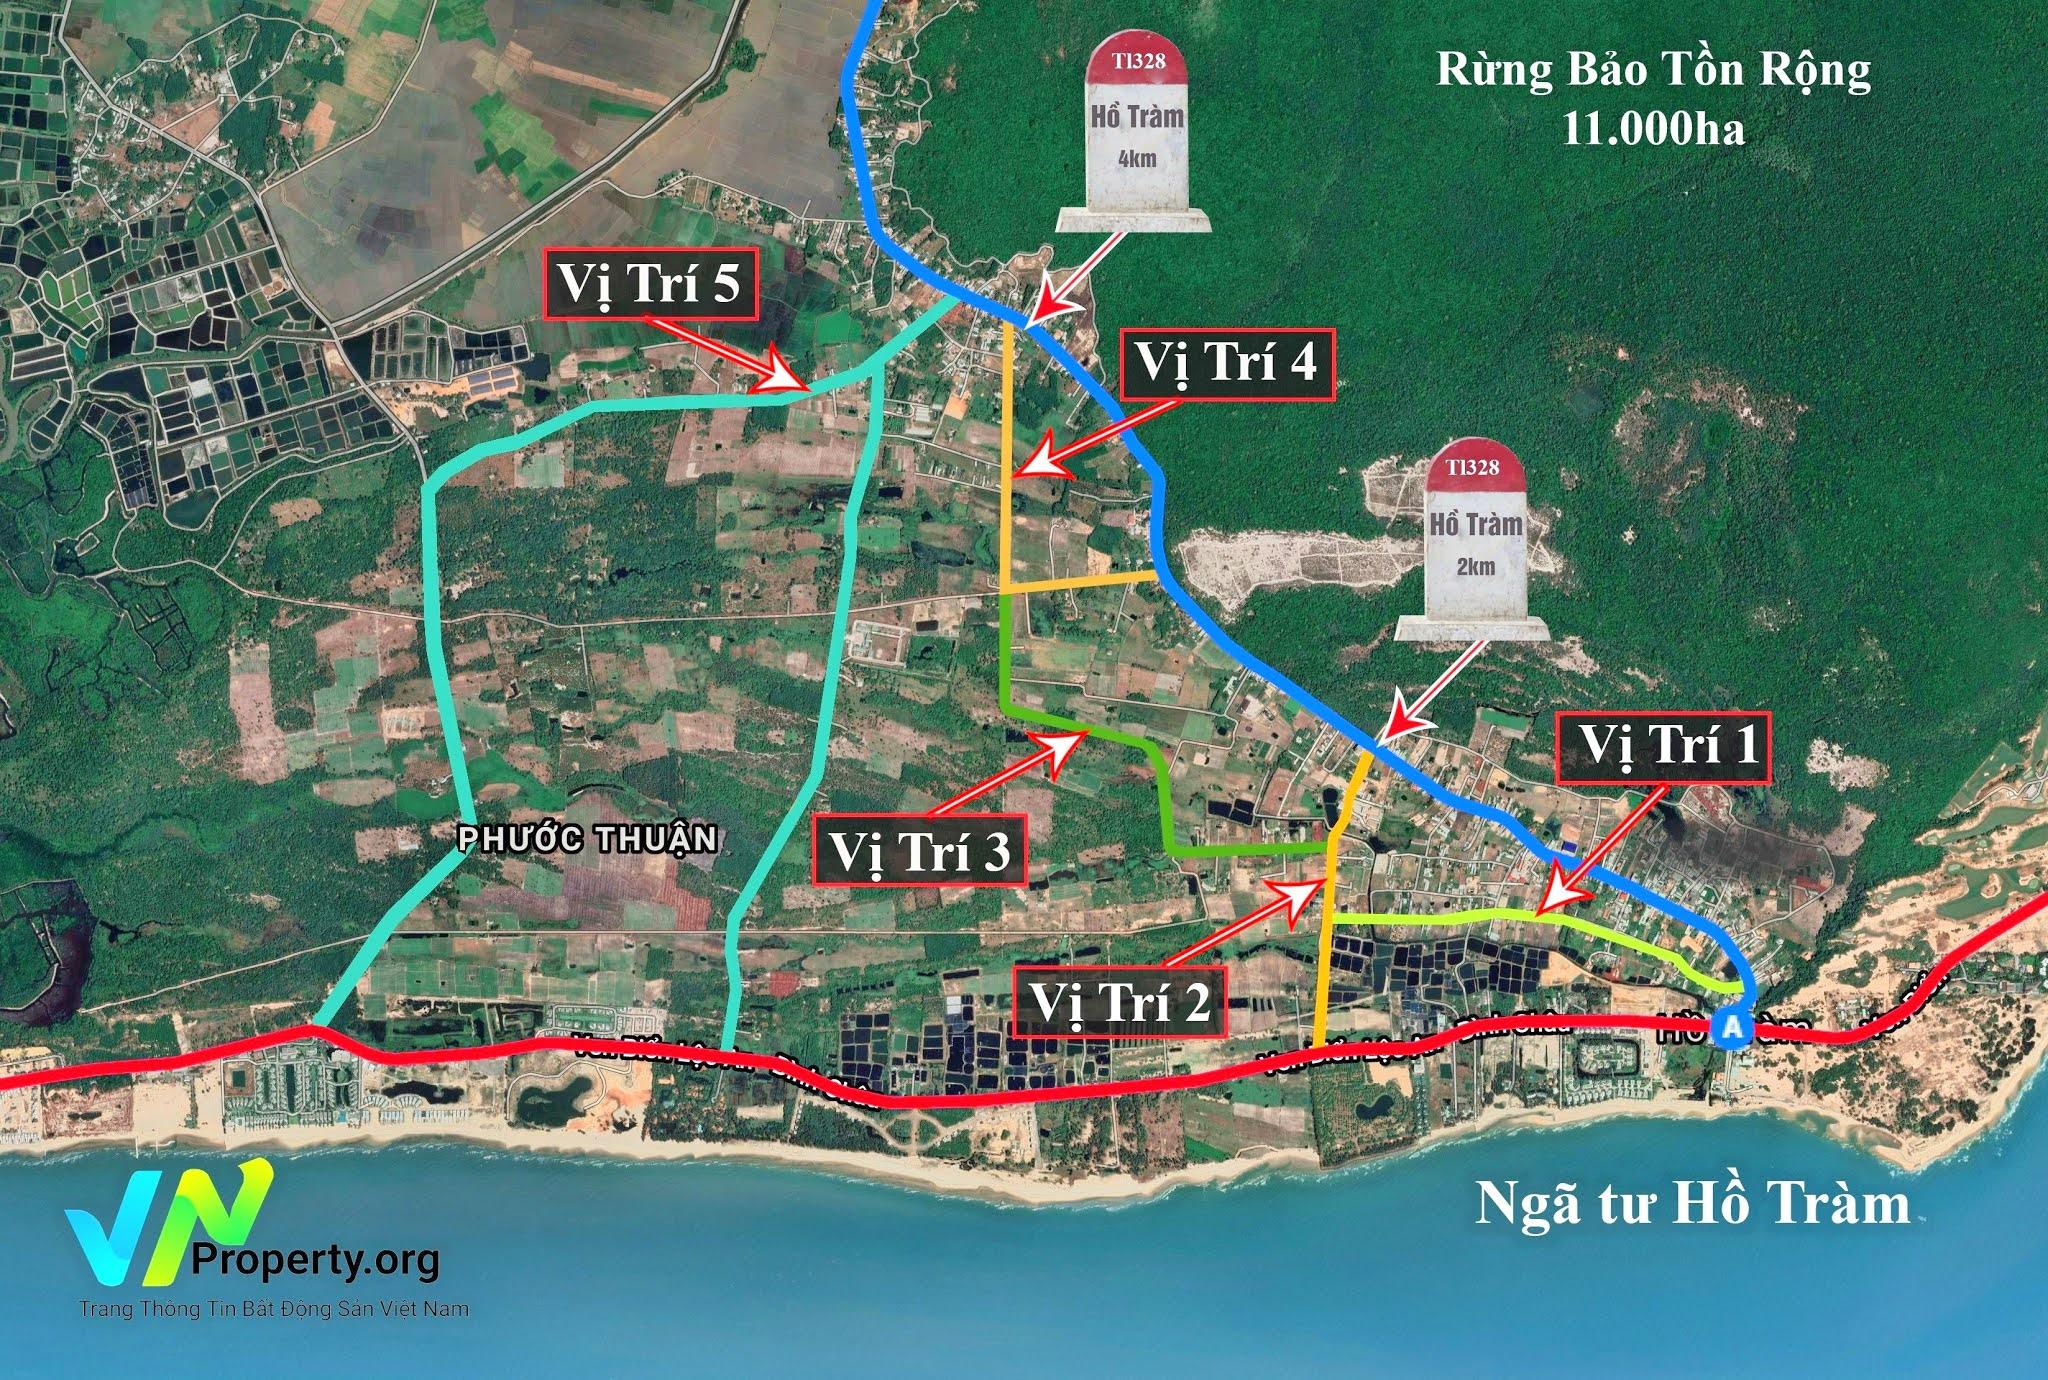 bản đồ vị trí đất đang mở bán tại Hồ Tràm, xã Phước Thuận